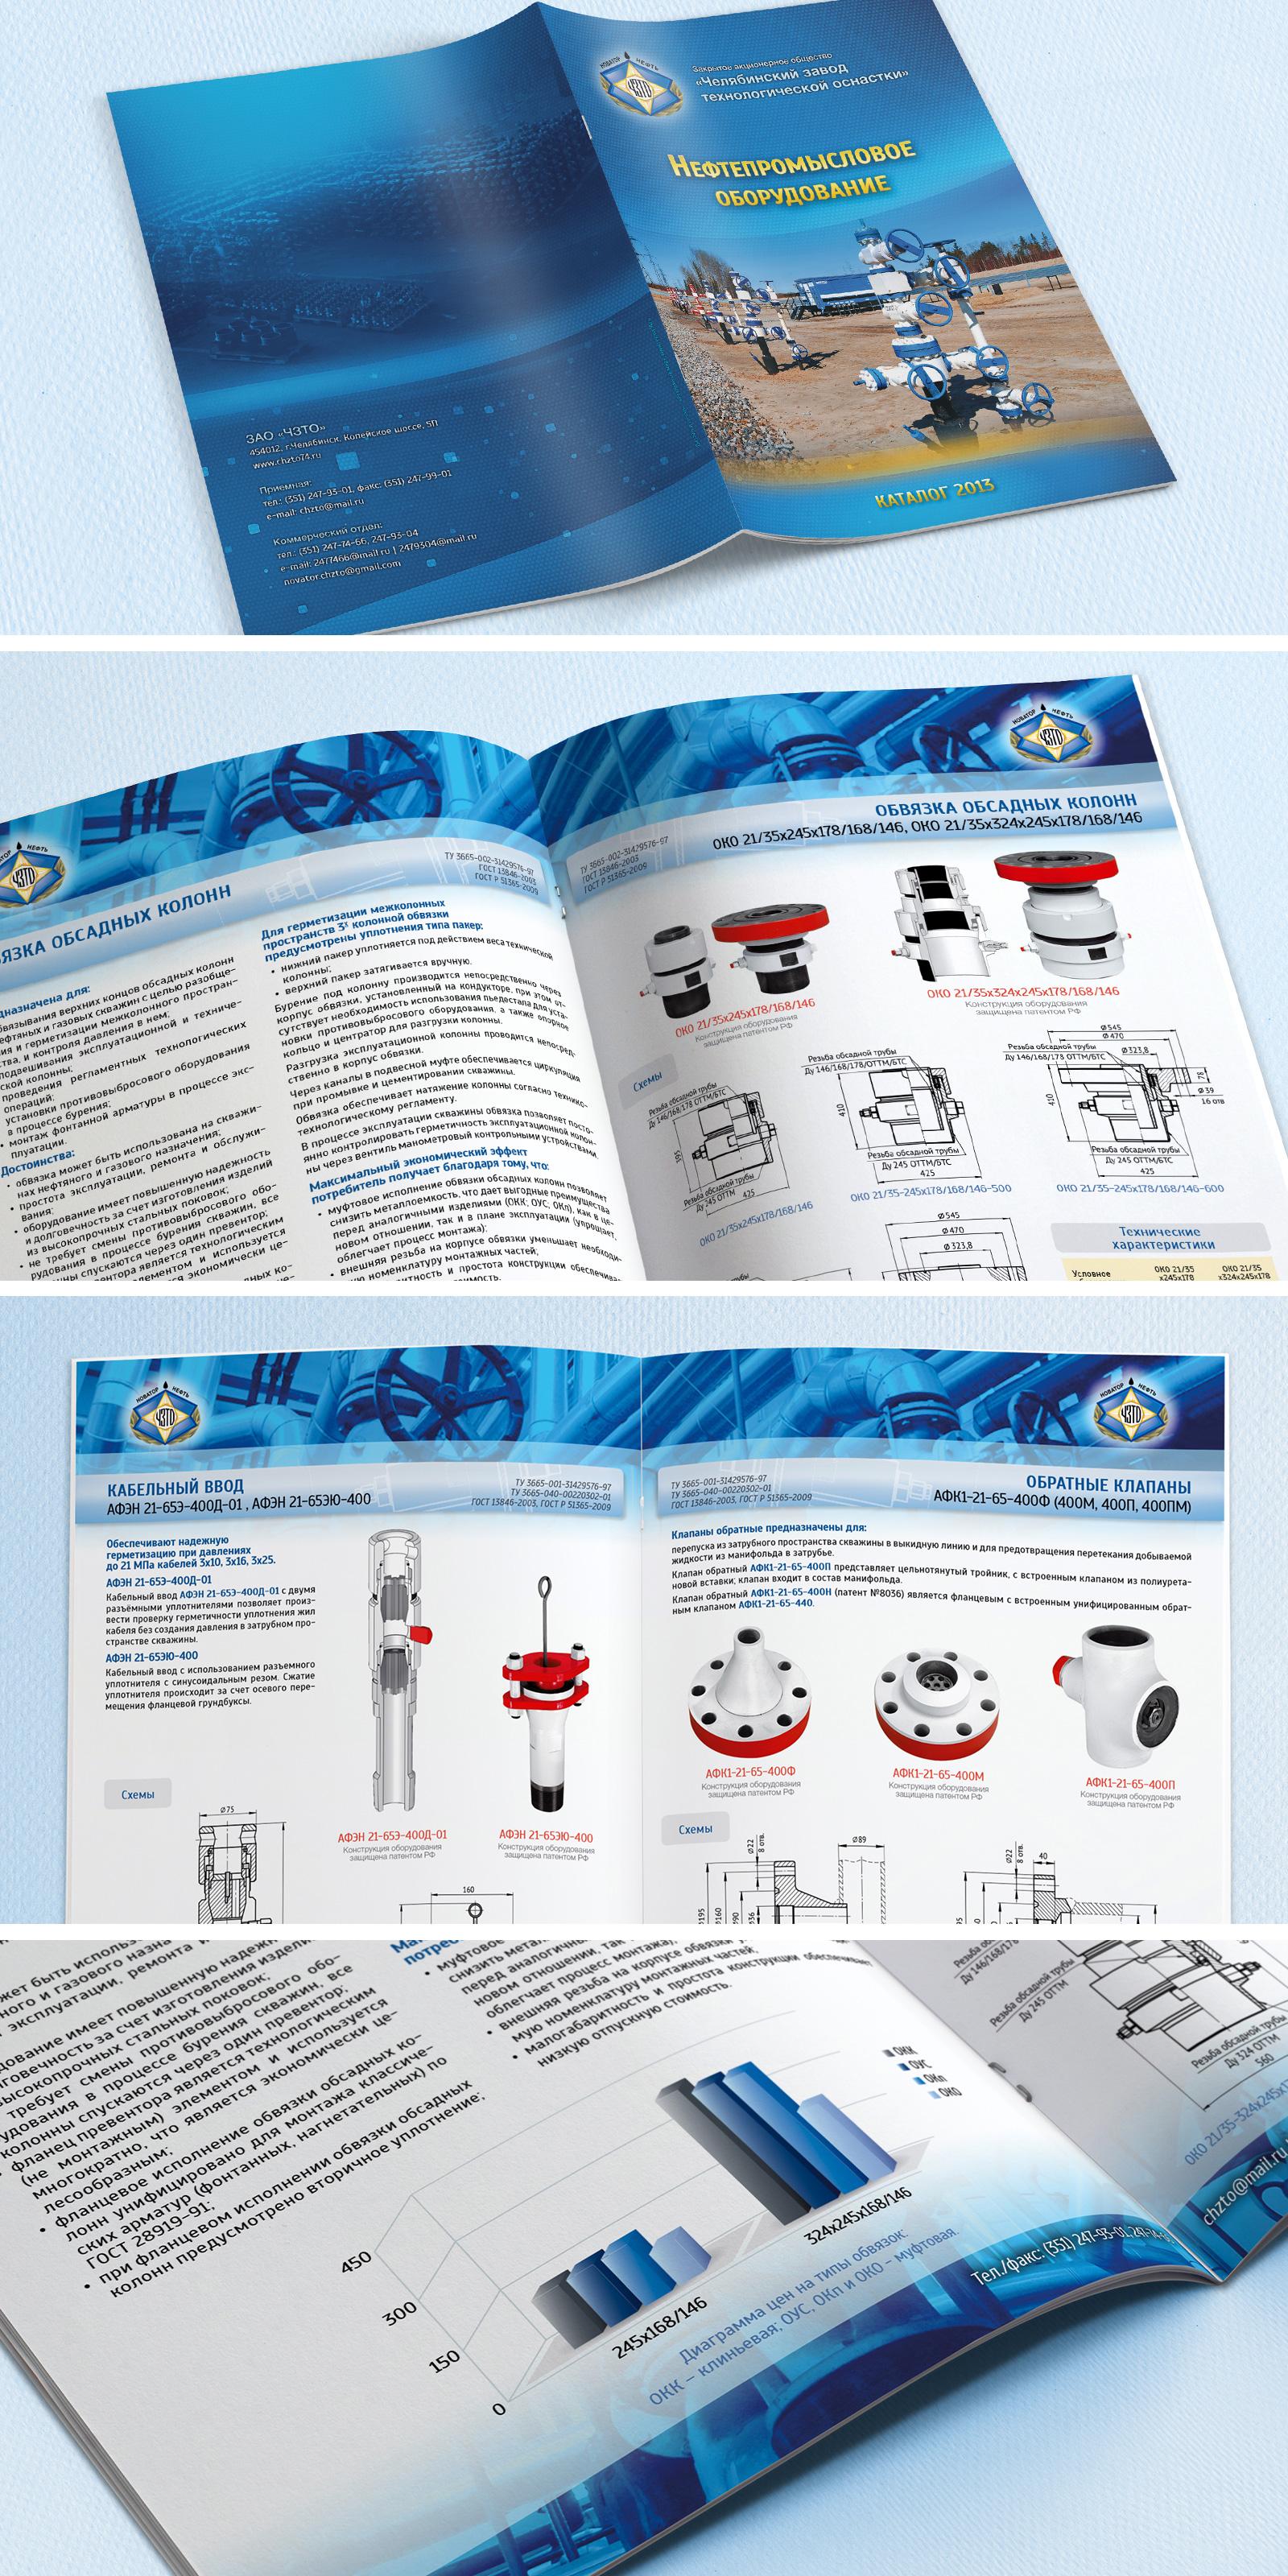 Дизайн каталога нефтепромыслового оборудования